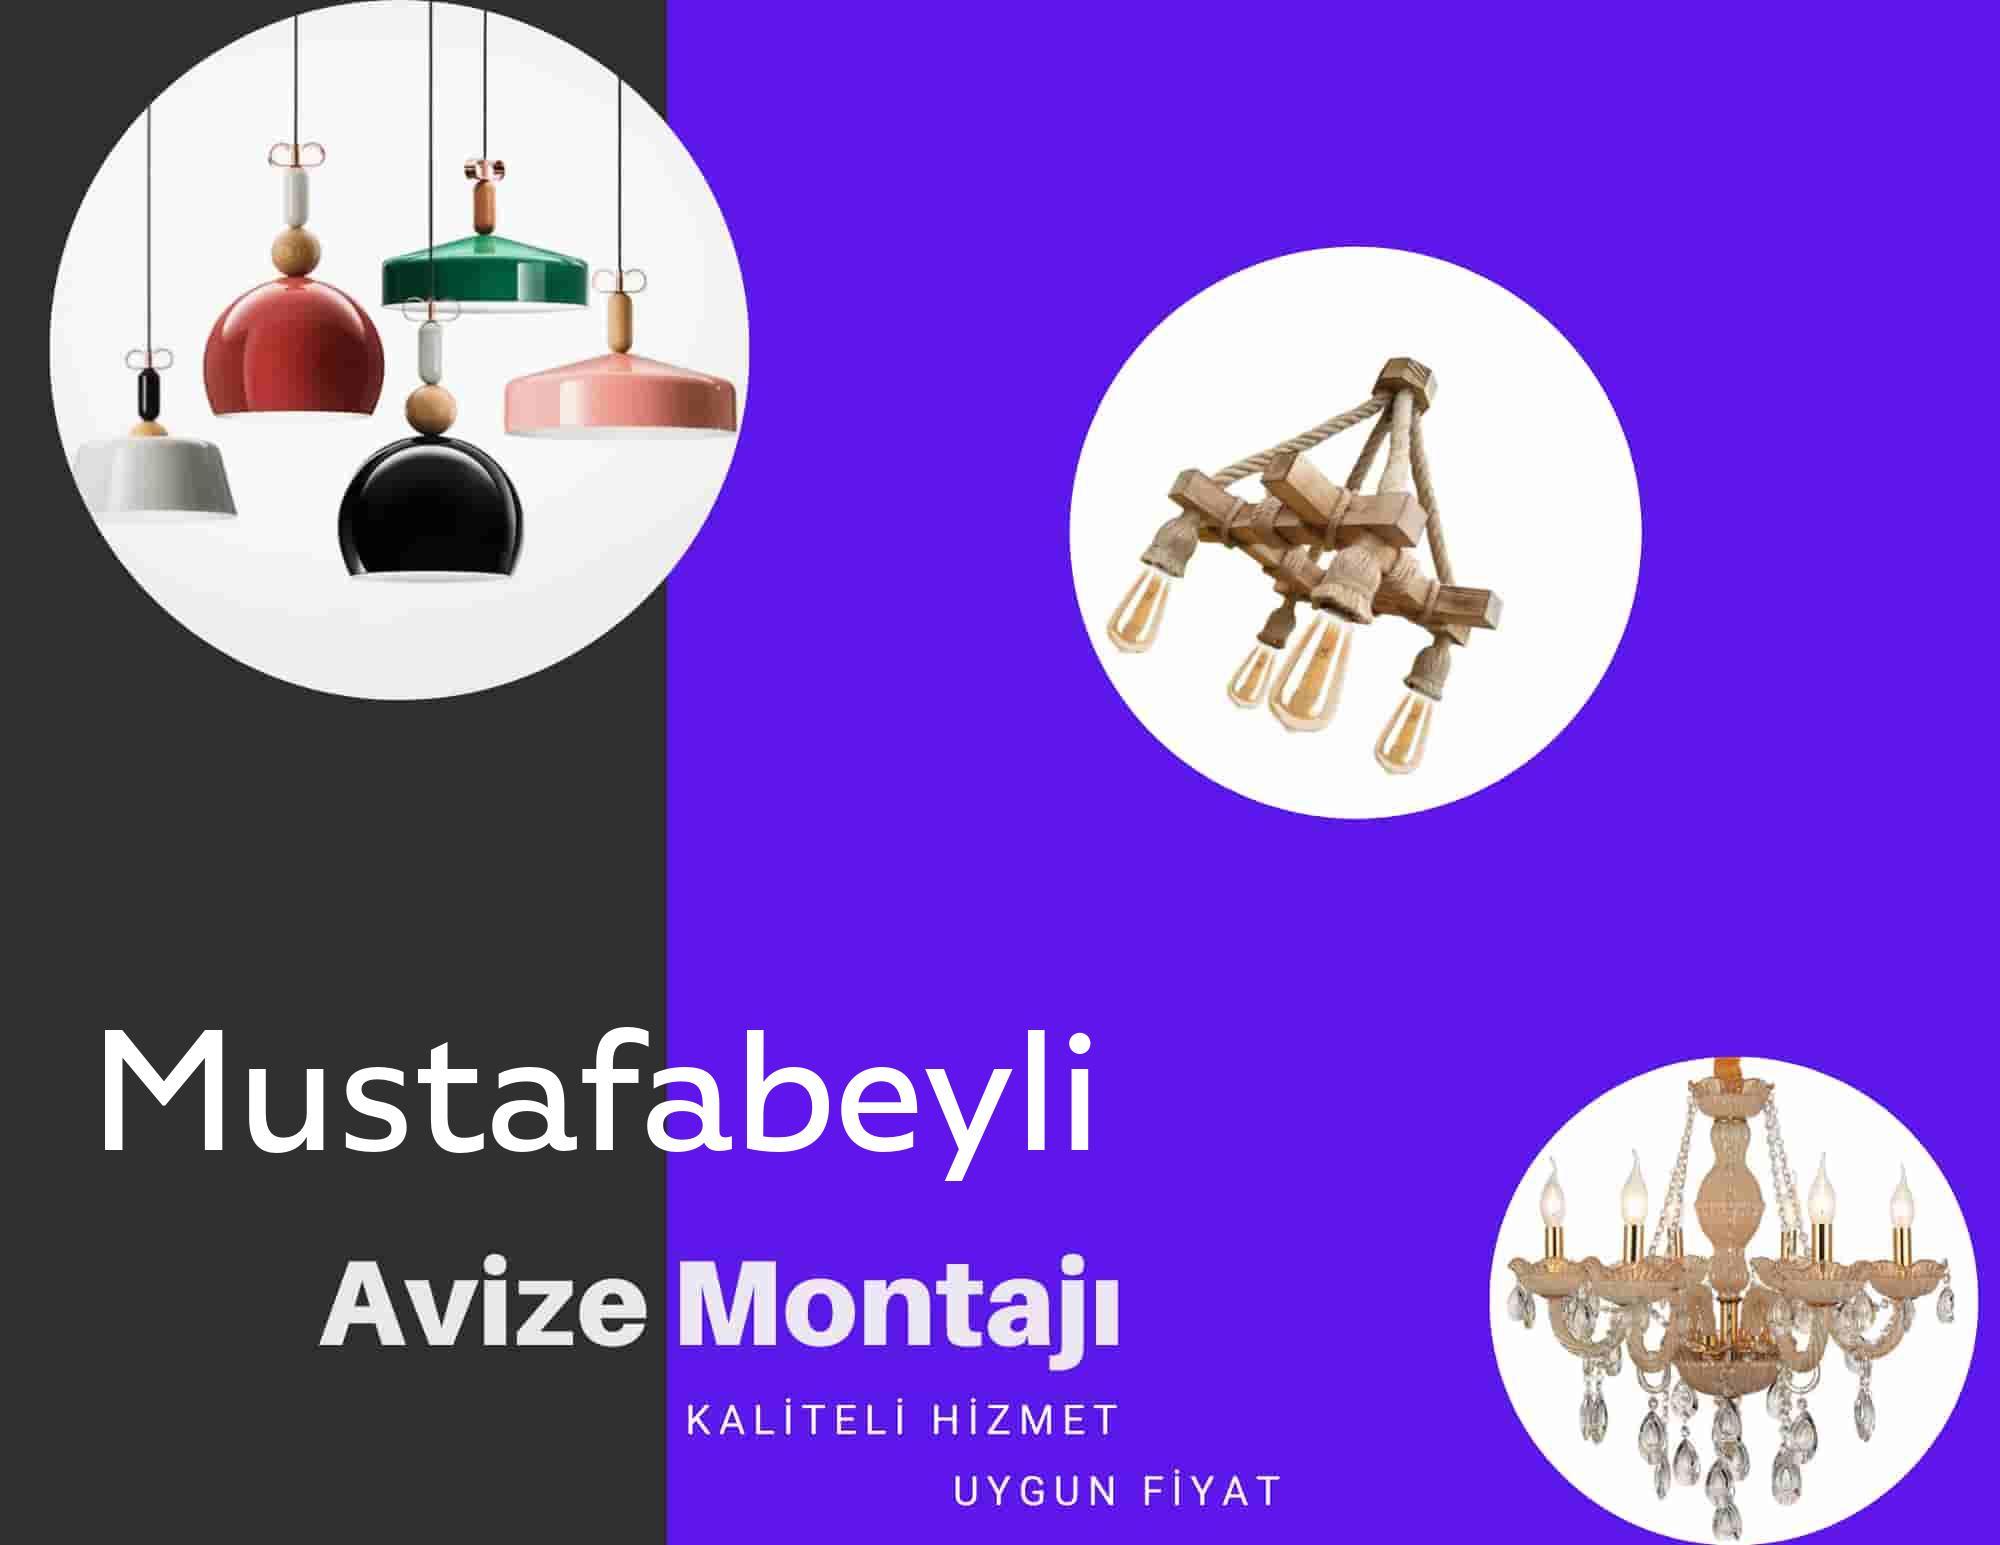 Mustafabeylide avize montajı yapan yerler arıyorsanız elektrikcicagir anında size profesyonel avize montajı ustasını yönlendirir.